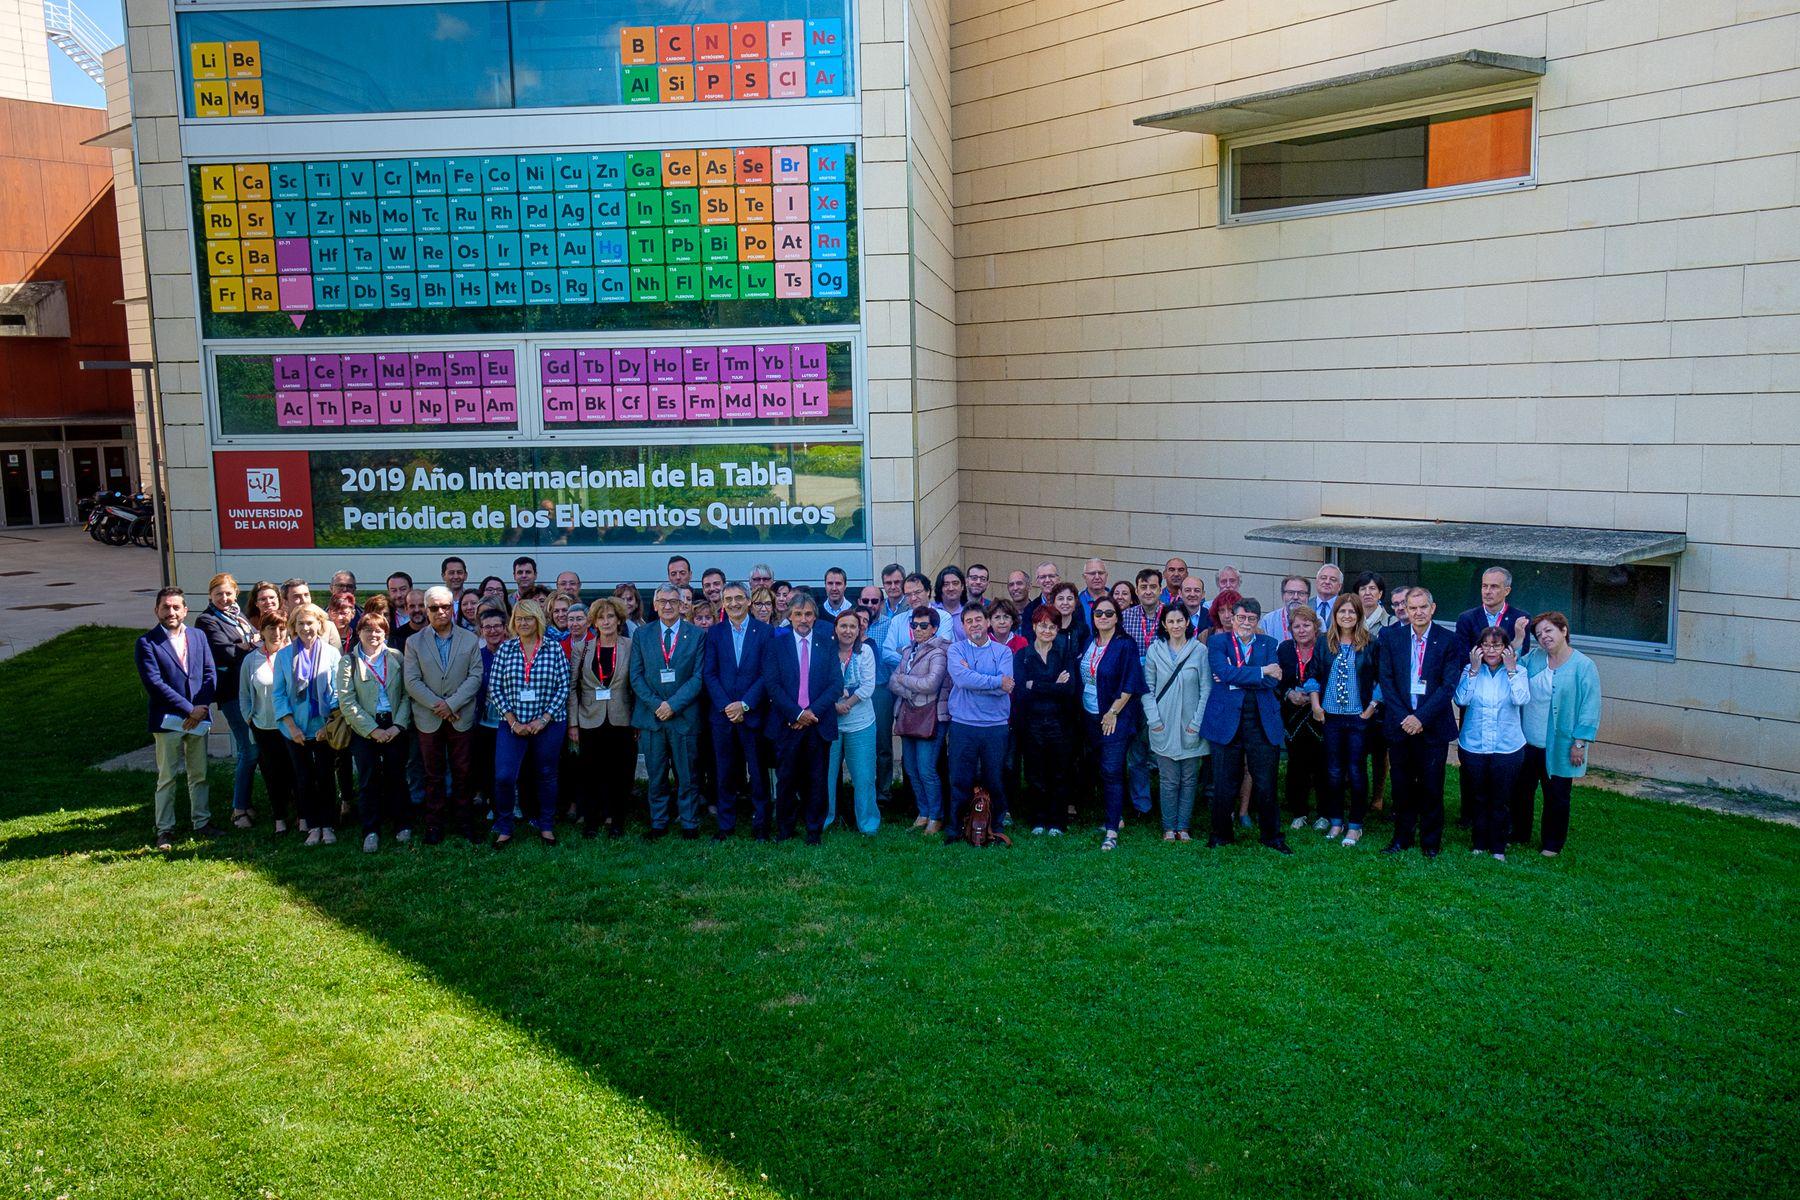 Foto de grupo de la Comisión sectorial de Investigación del Grupo 9 de Universidades